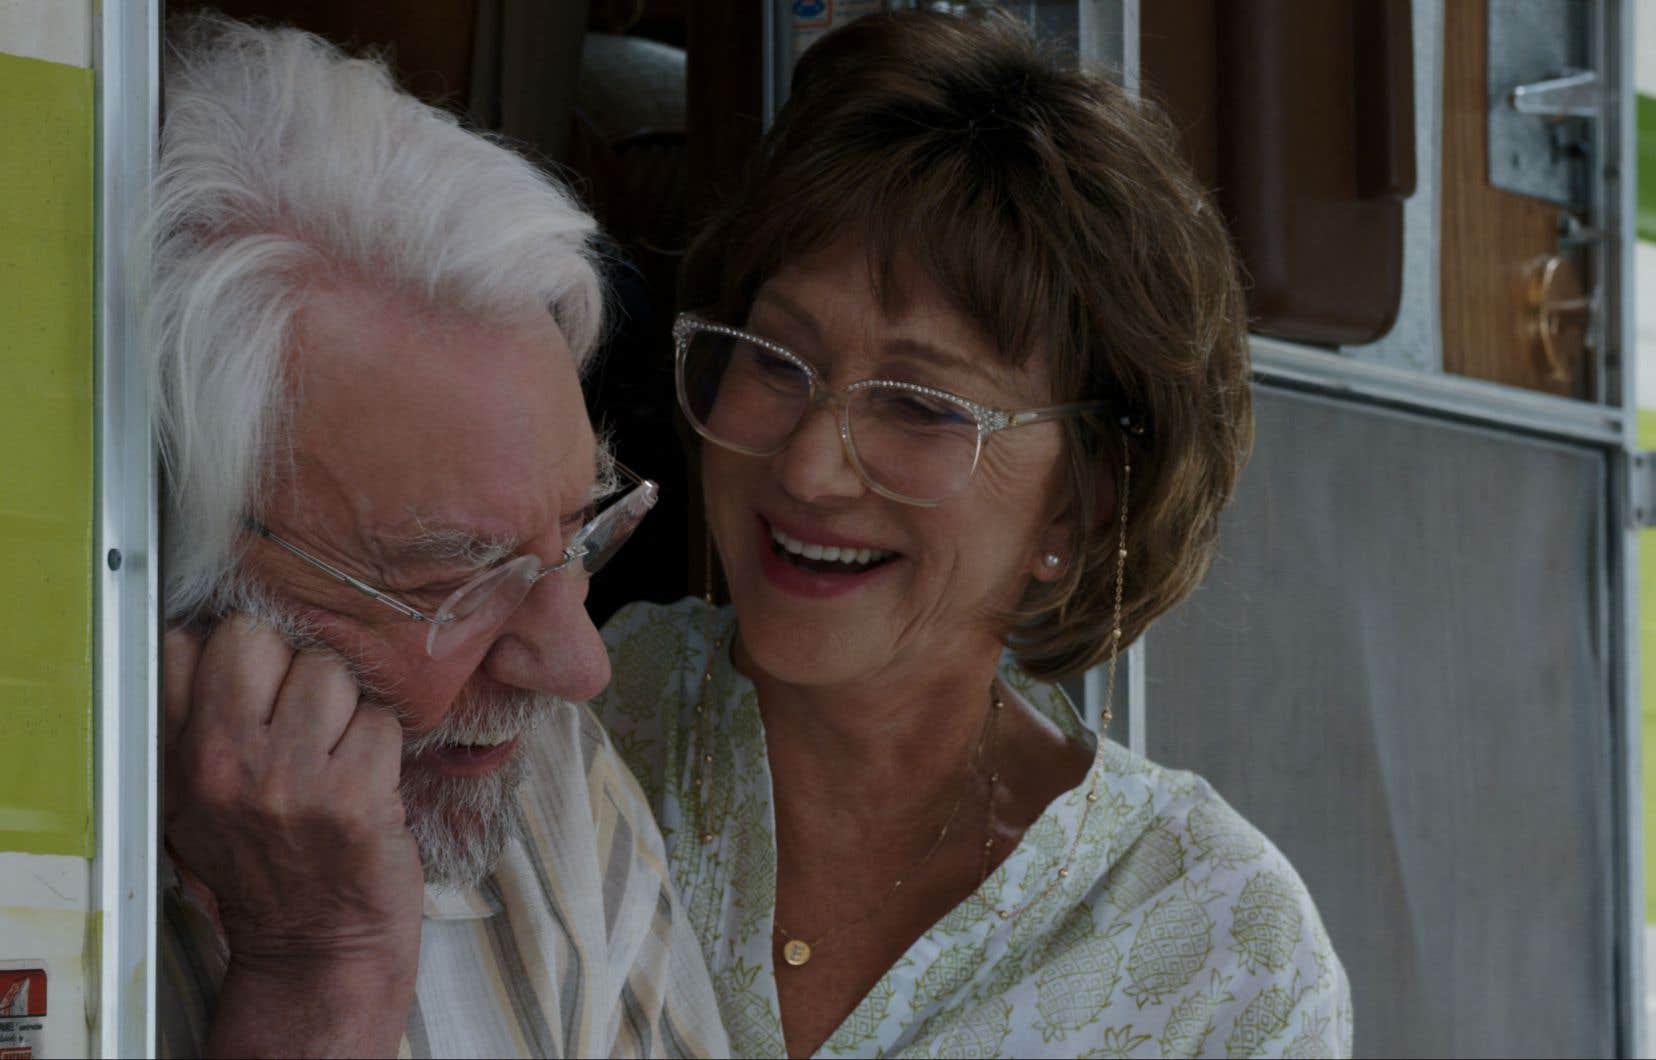 Les deux stars, Donald Sutherland et Helen Mirren, forment un couple crédible.